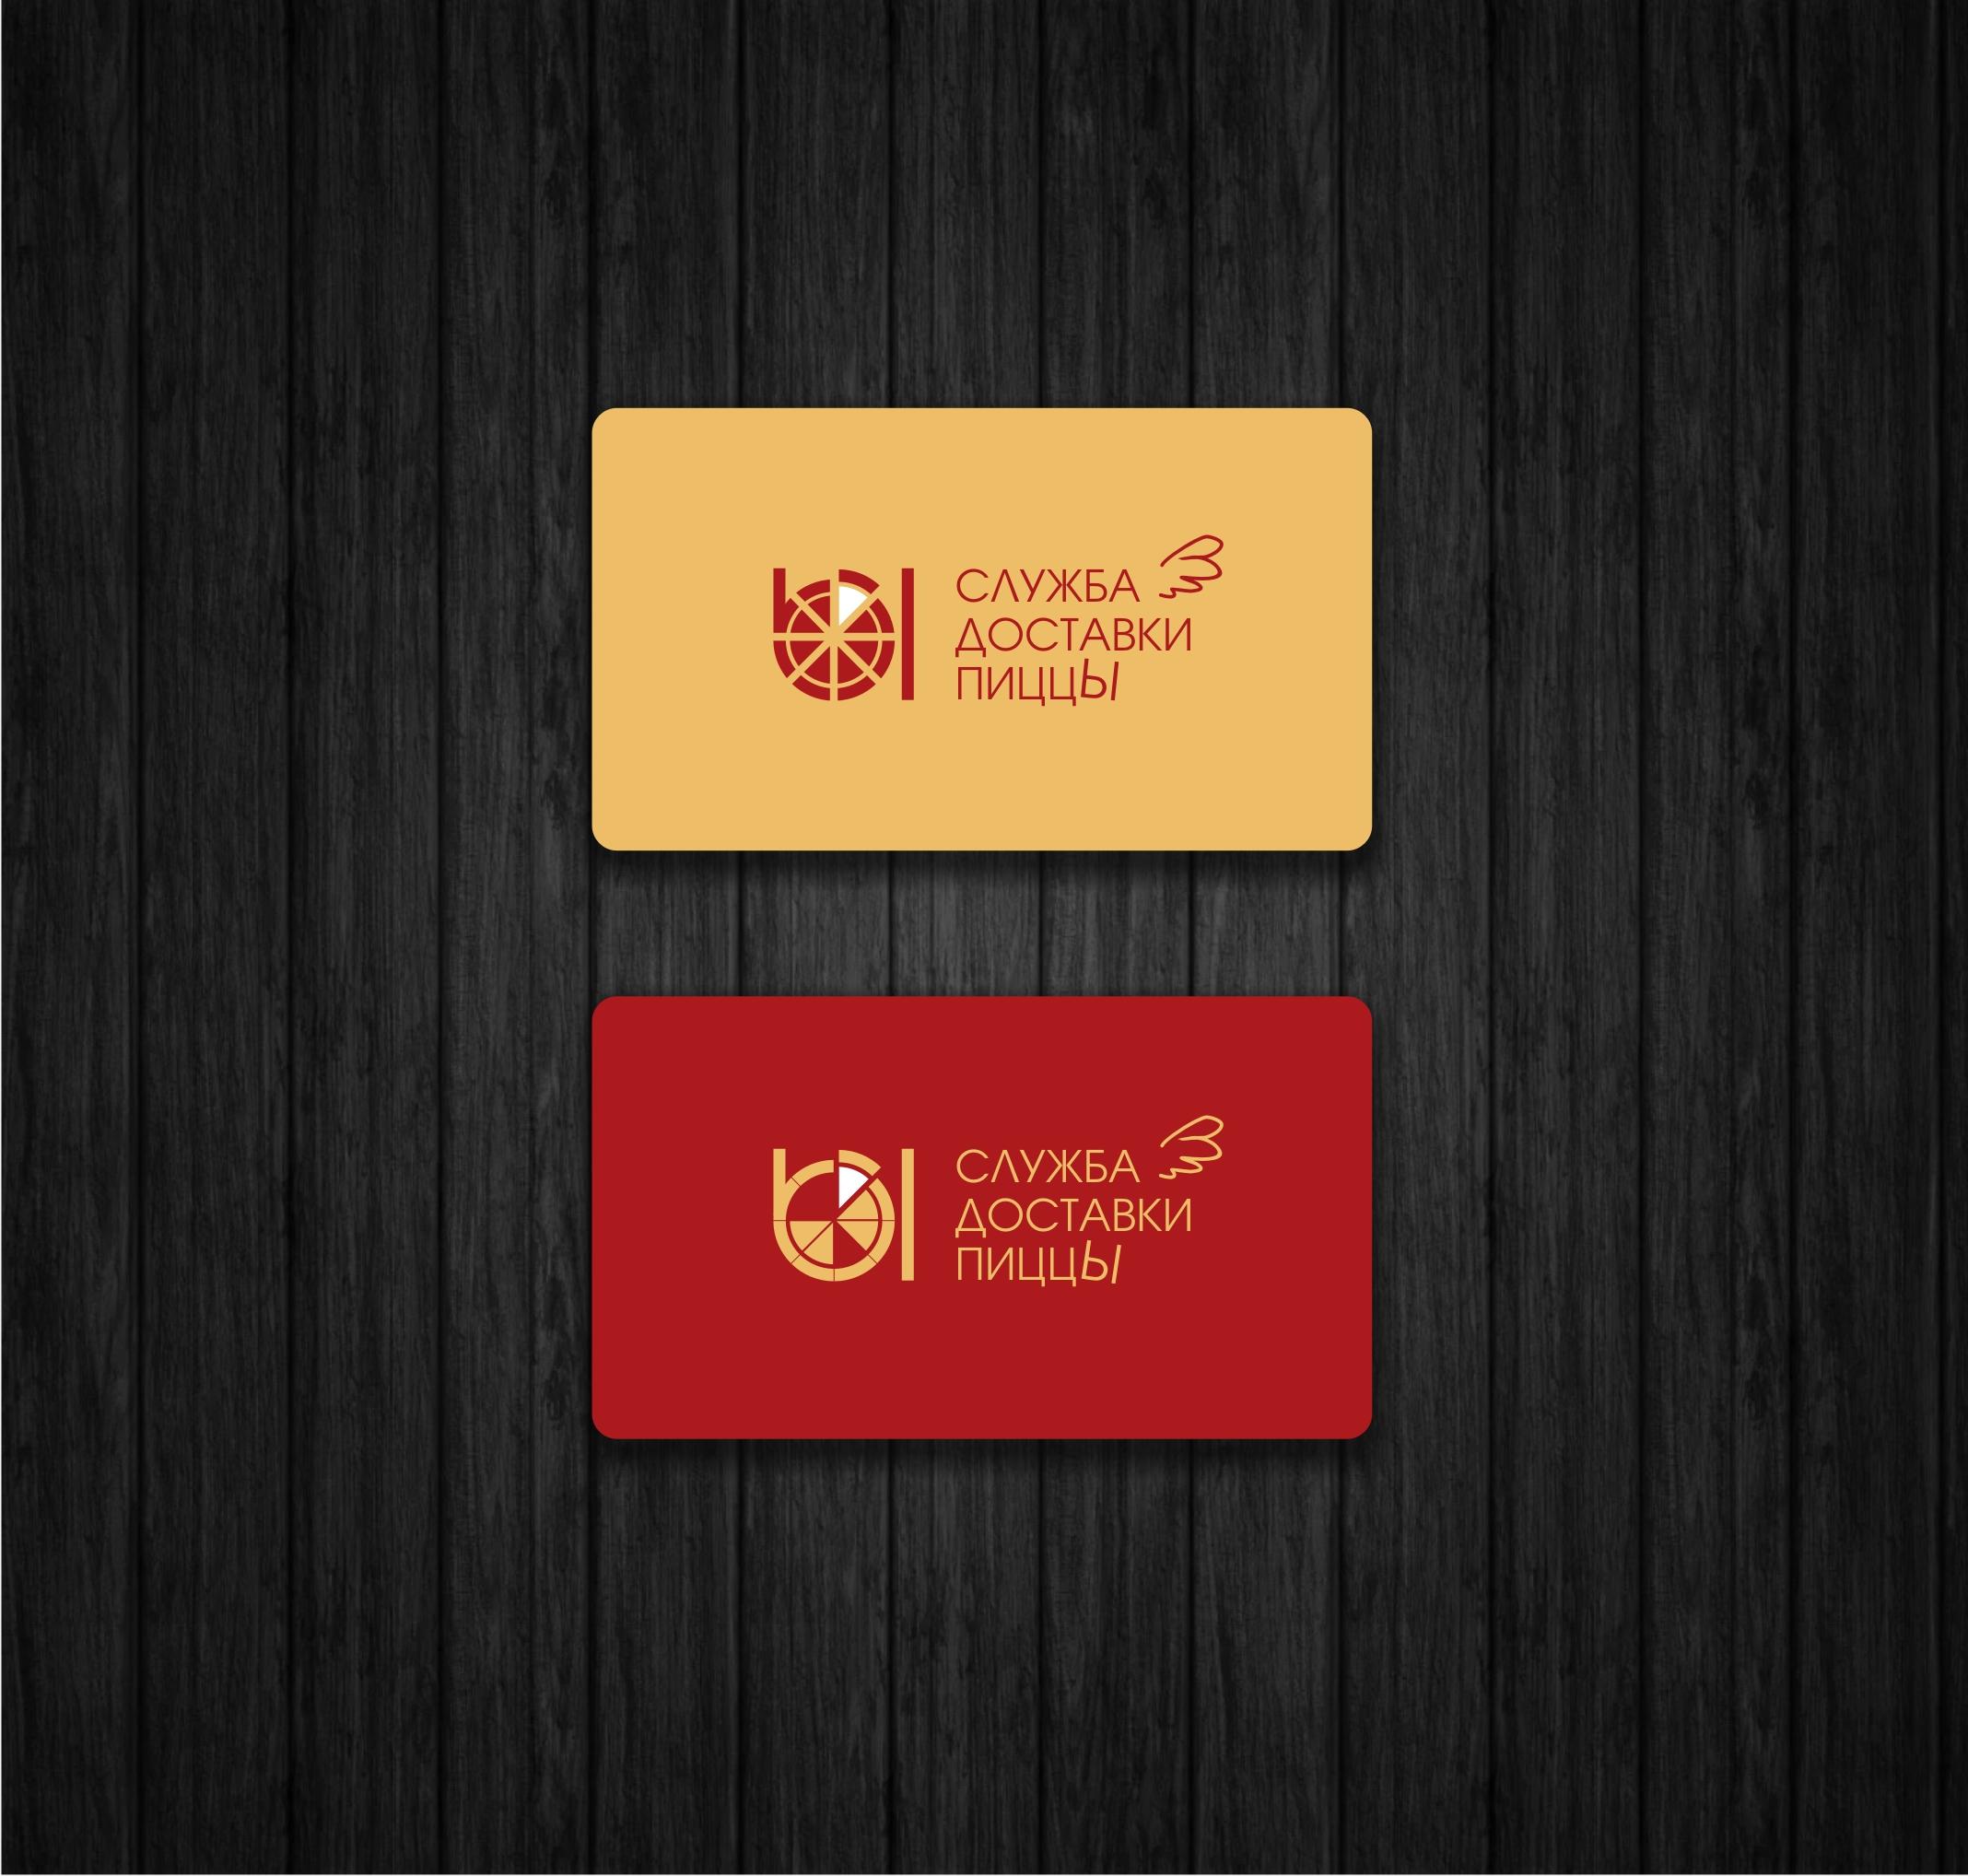 Разыскивается дизайнер для разработки лого службы доставки фото f_3385c36d0eff33a5.jpg